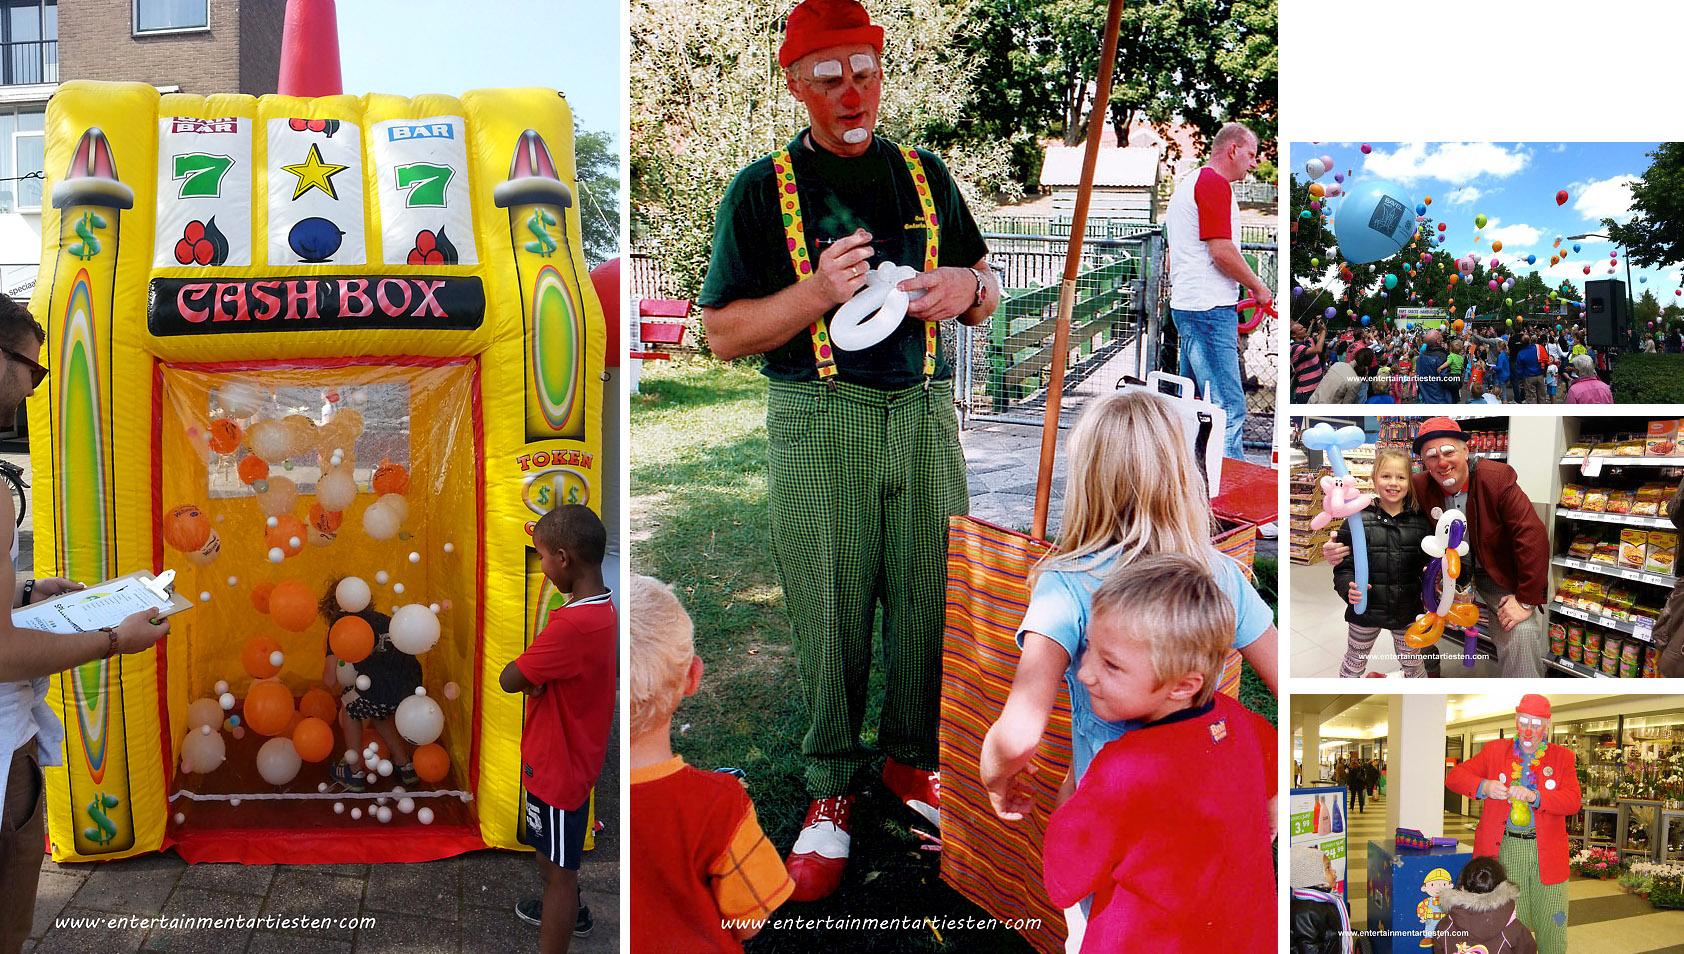 Kinderprogramma Jeugdshow, clown voor feestje, kinderfeestje organiseren, kinder straattheater, ballonnen clown, artiesten boeken, Govers Evenementen, www.goversartiesten.nl